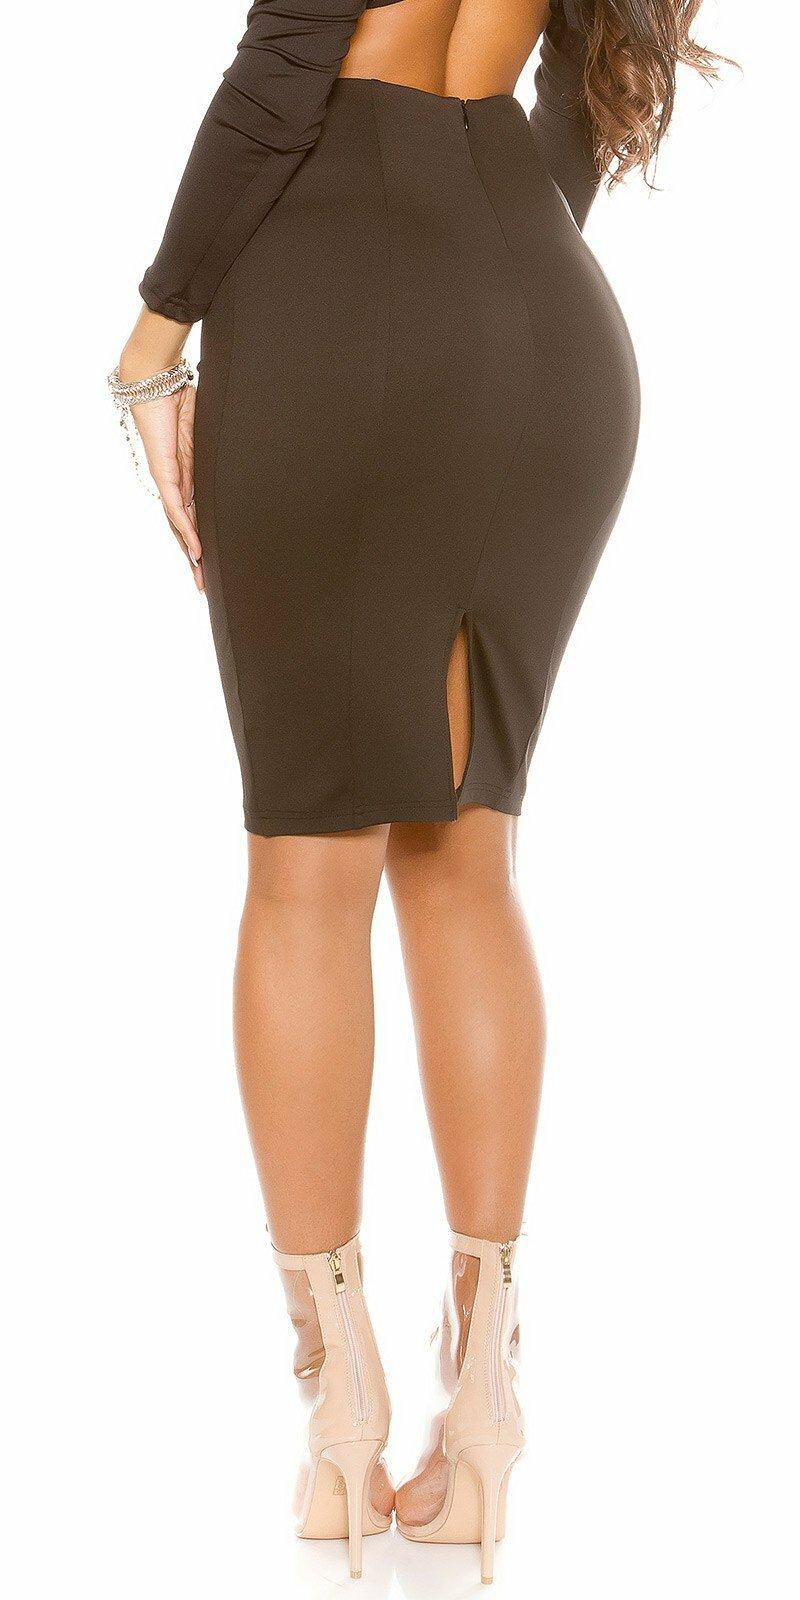 ad1c175ca72a ... Dámska úzka sukňa KouCla Čierna ...